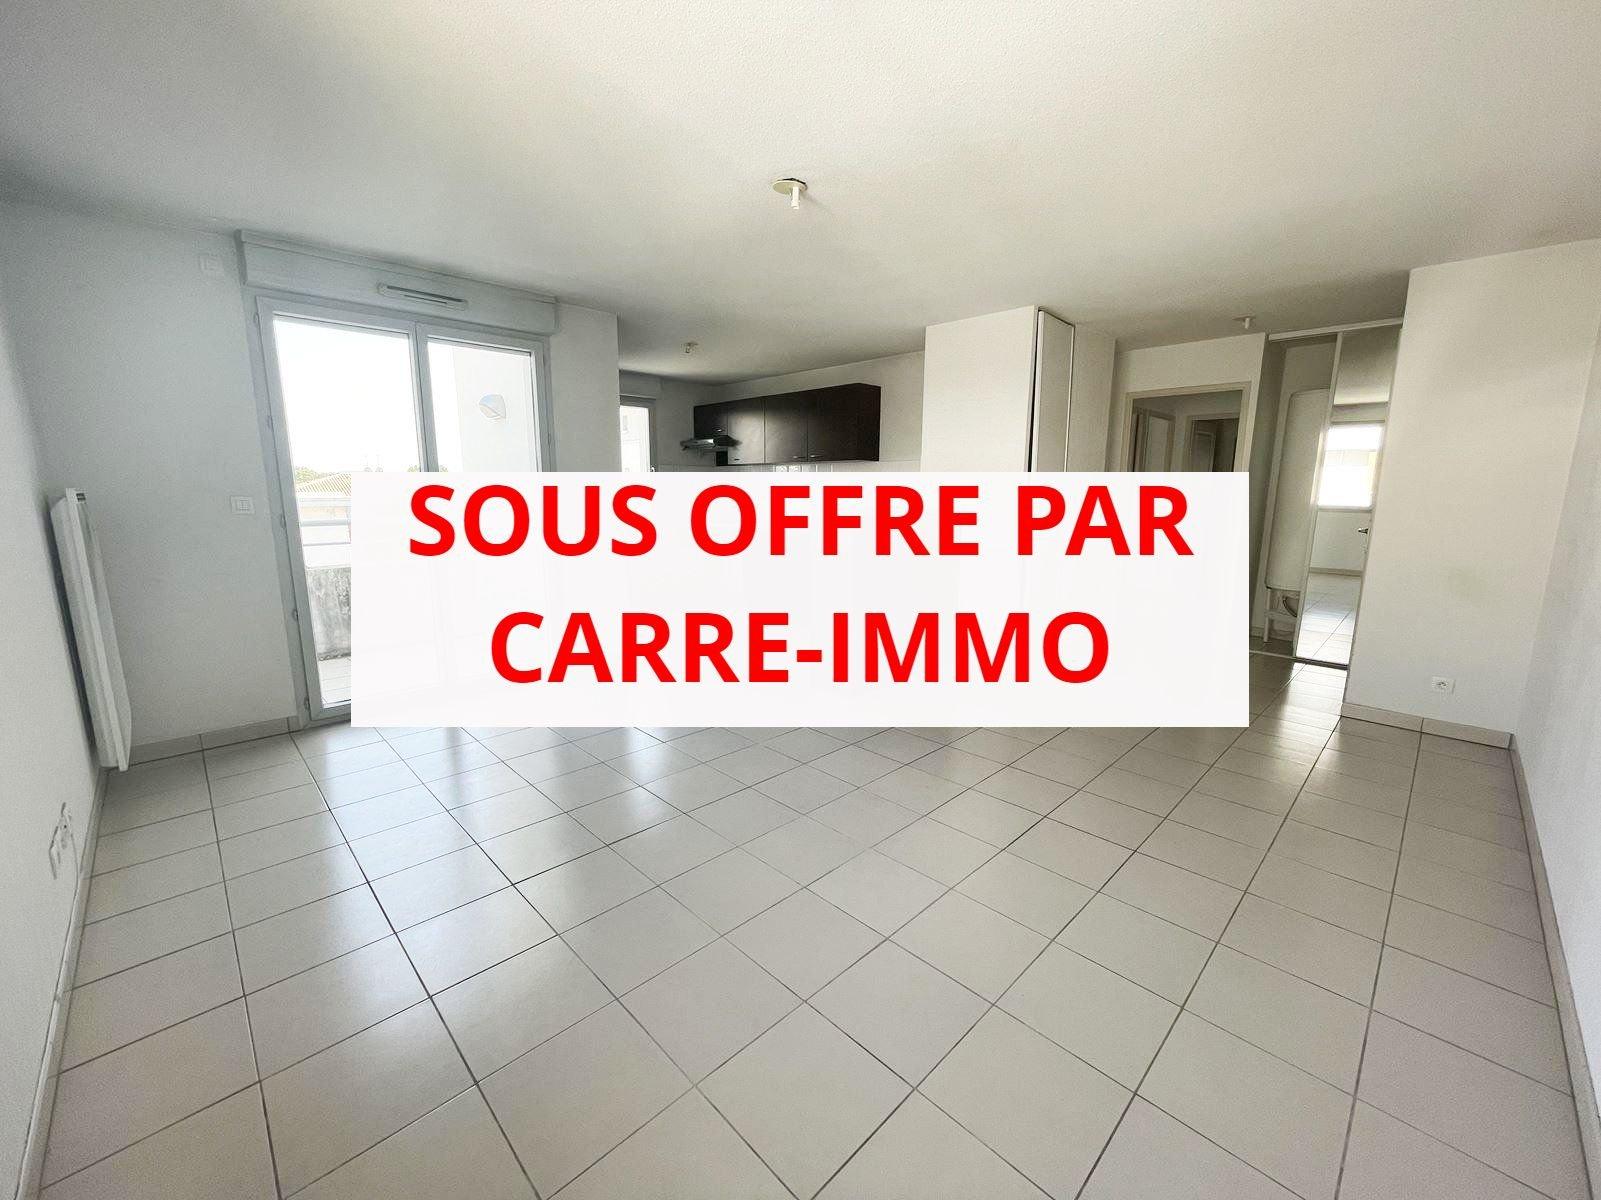 Appartement T3 - 57m² - 31200 TOULOUSE SEPT DENIERS